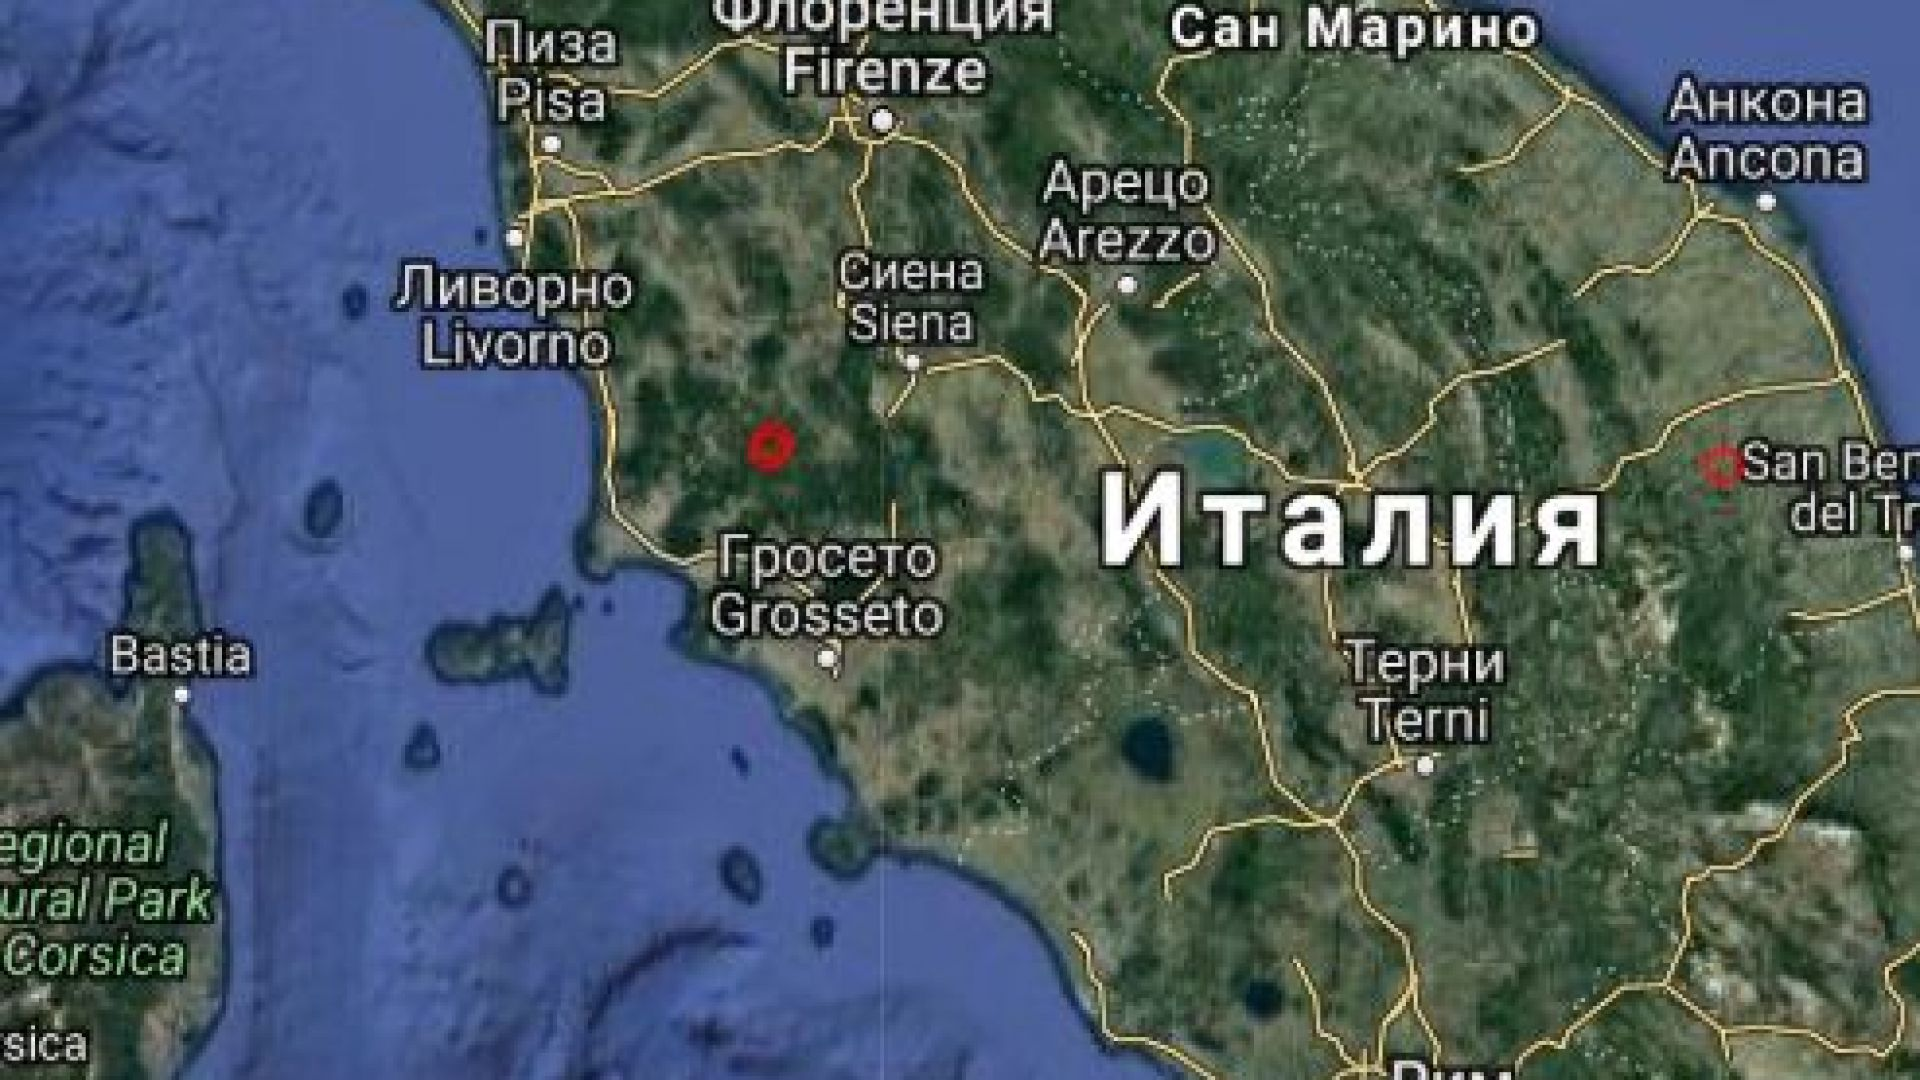 Земетресение с магнитуд 4.9 бе регистрирано в Централна Италия